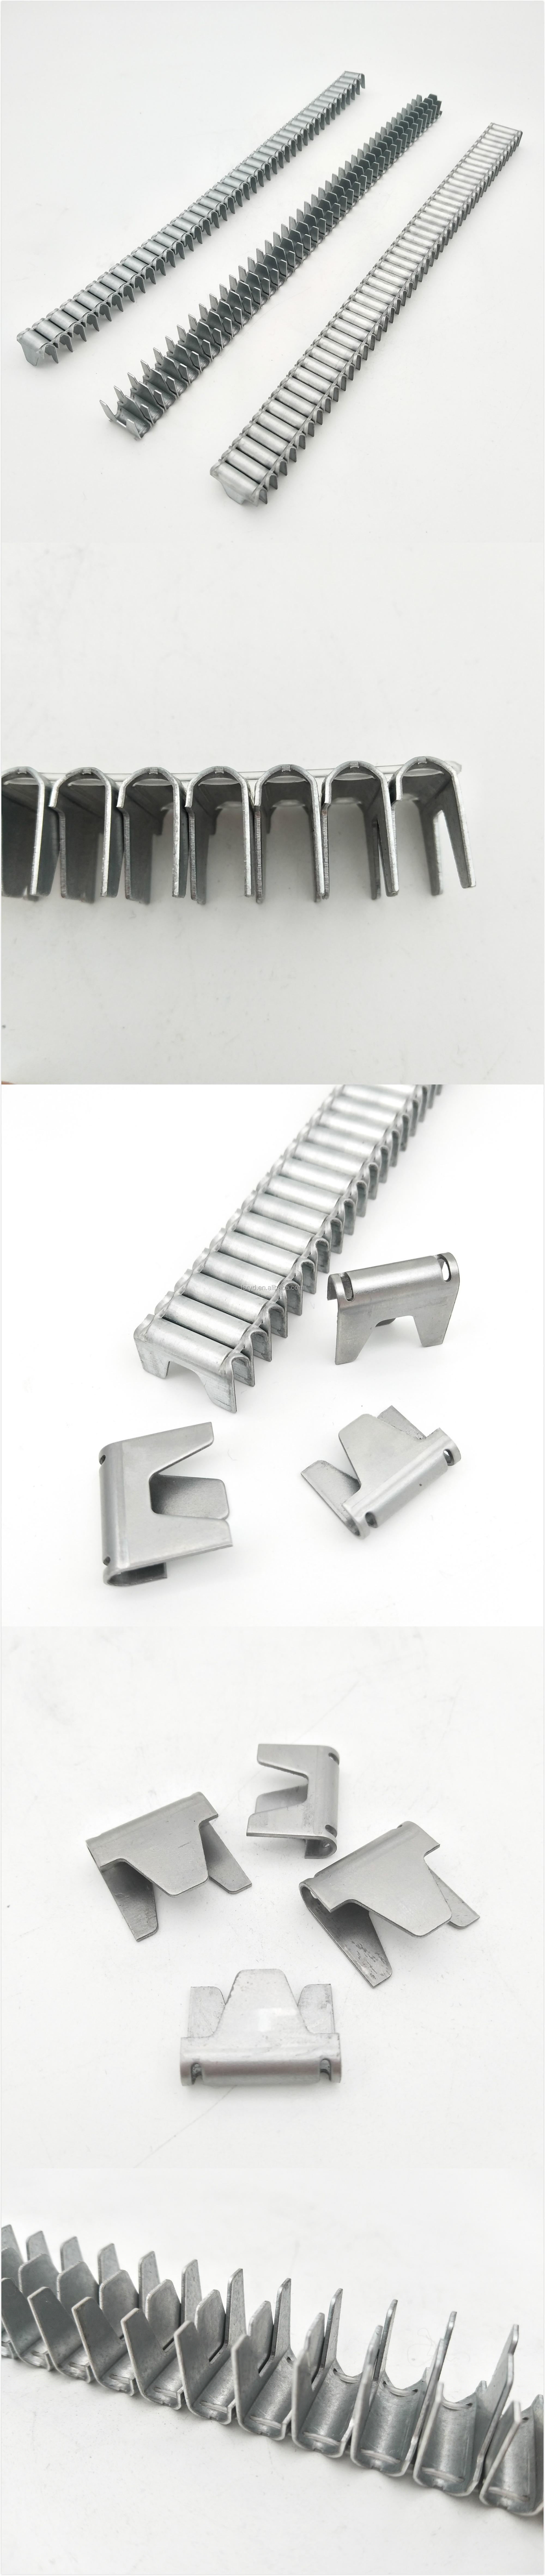 Sofa Mattress Nail Cage Fasteners Razor Barbed Wire Clinch Clip ...